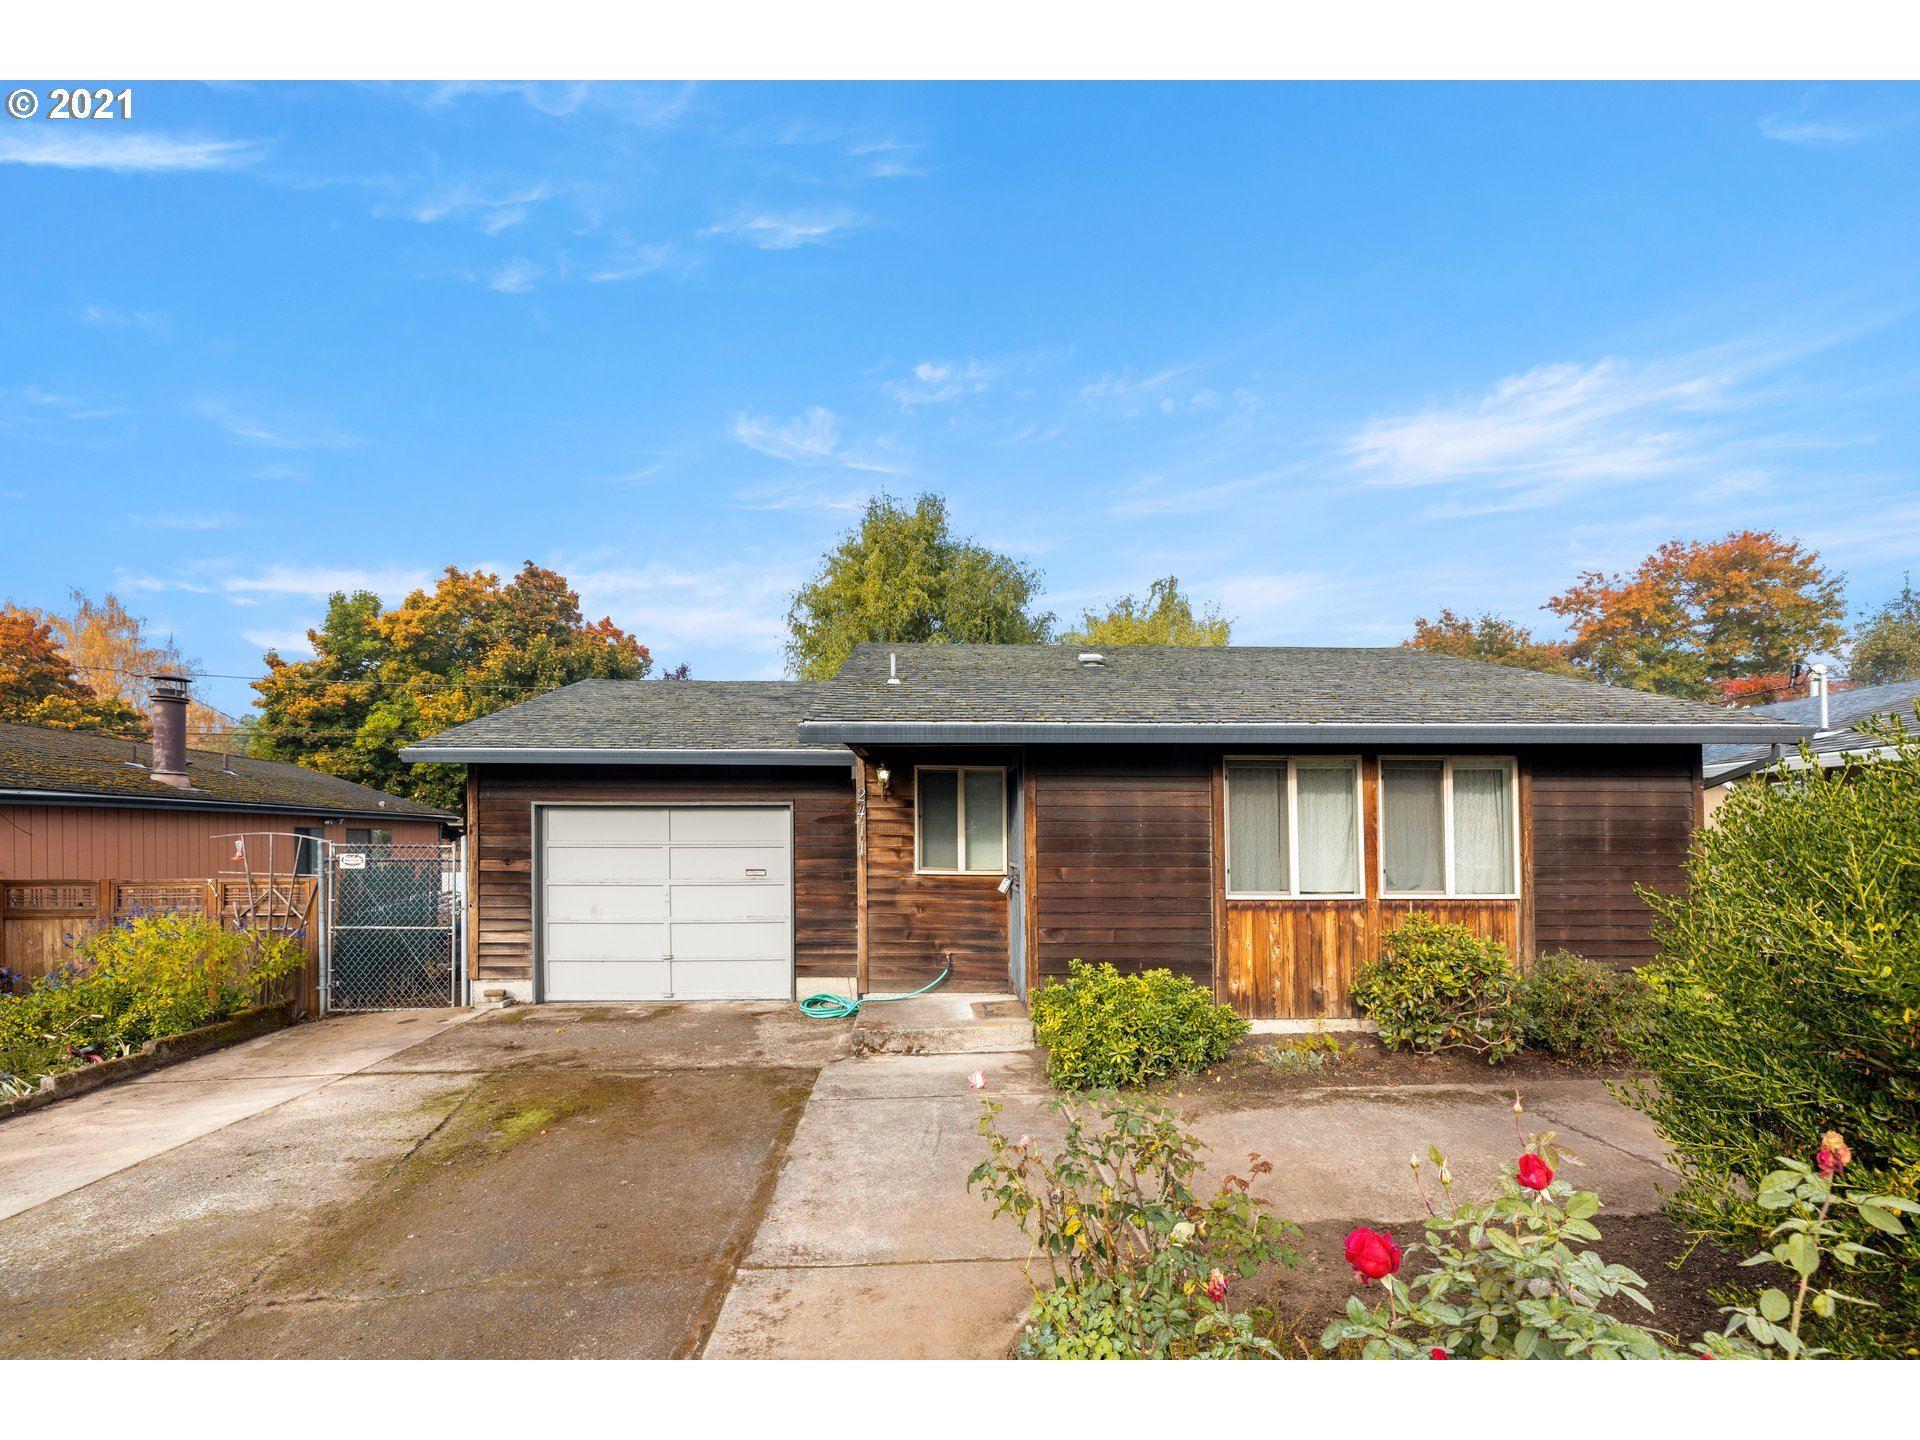 2411 NE SARATOGA ST, Portland, OR 97211 - MLS#: 21348625